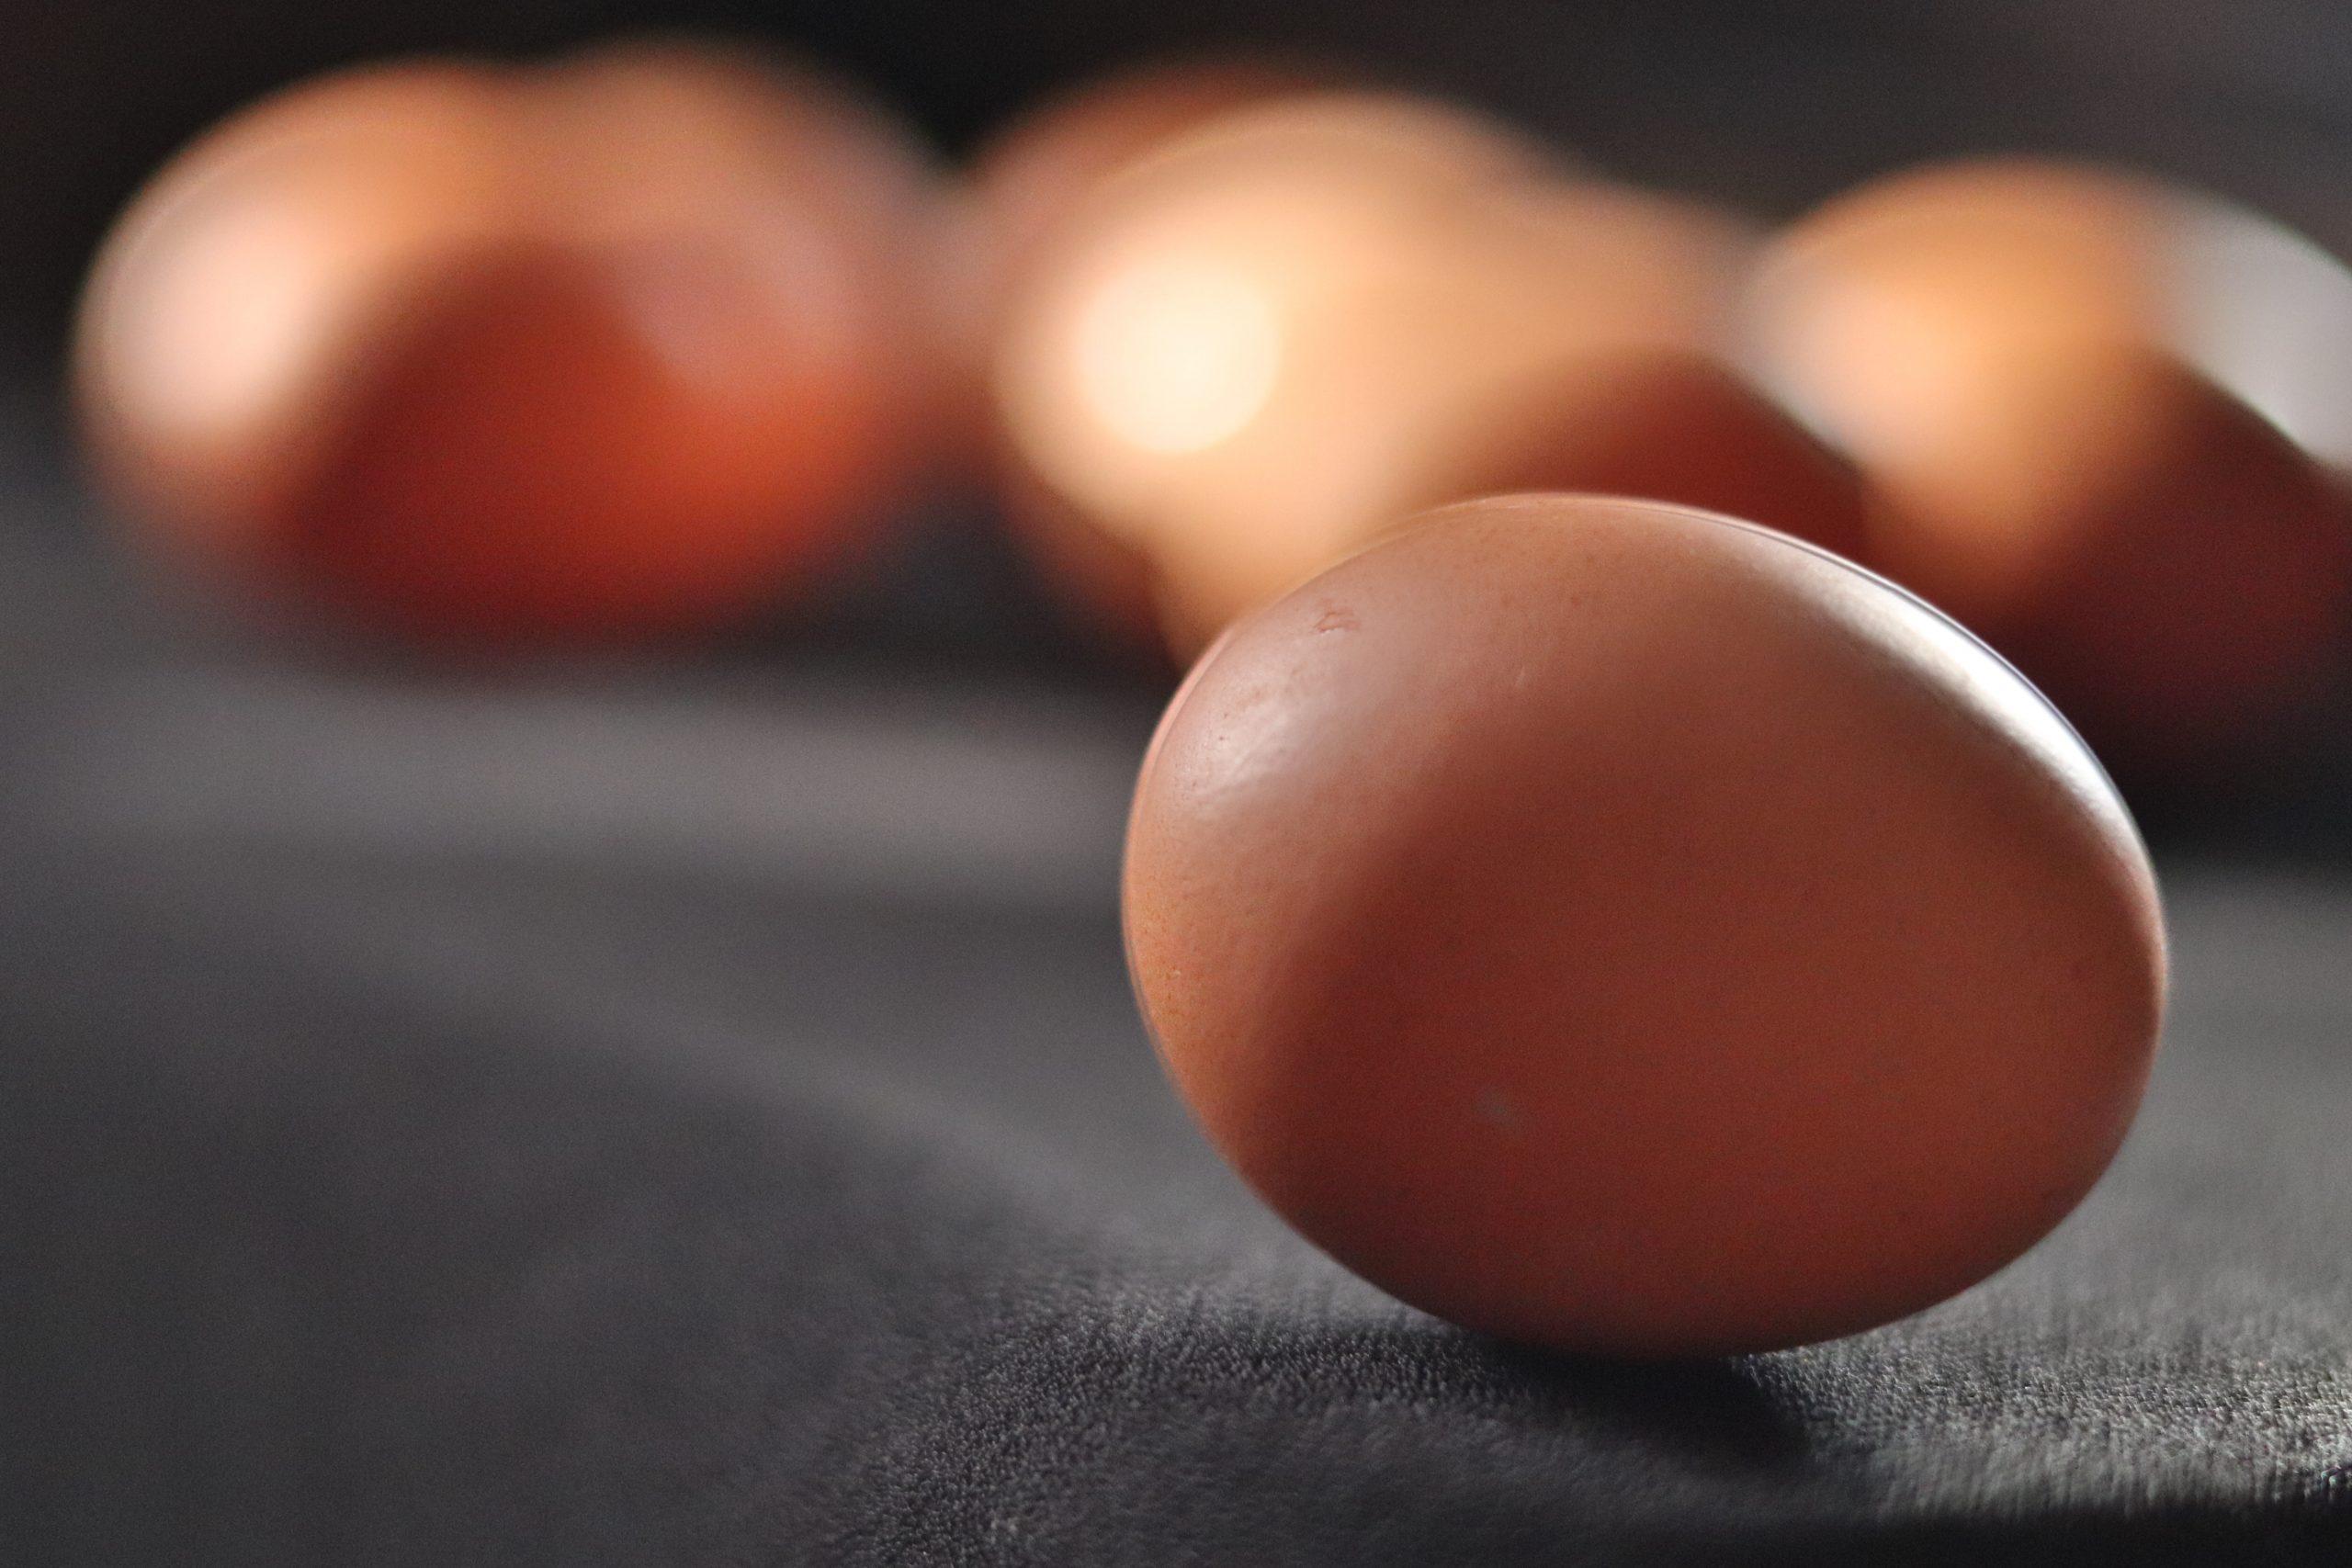 Cuántas calorías tiene un huevo y otros datos sobre sus beneficios al consumirlo - Prensa Libre